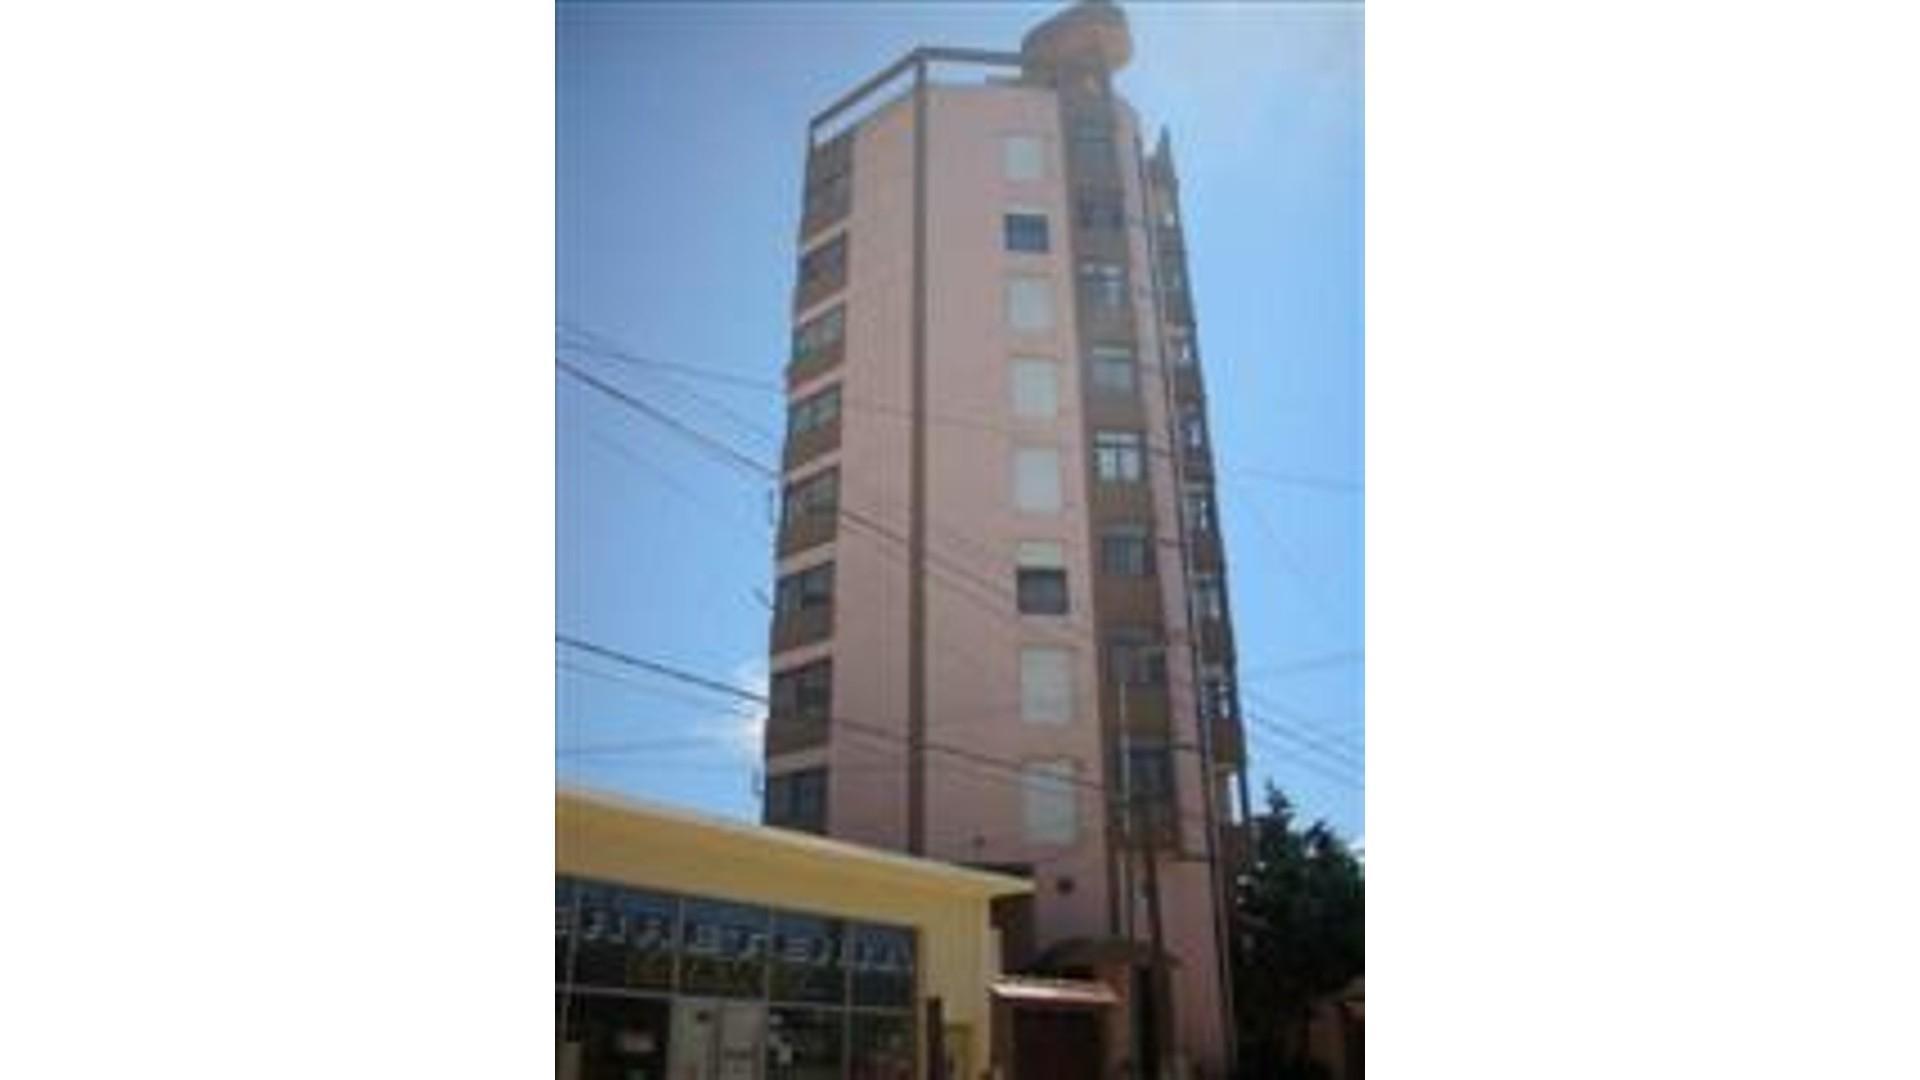 Calle 1 1800 5° - U$D 75.000 - Departamento en Venta